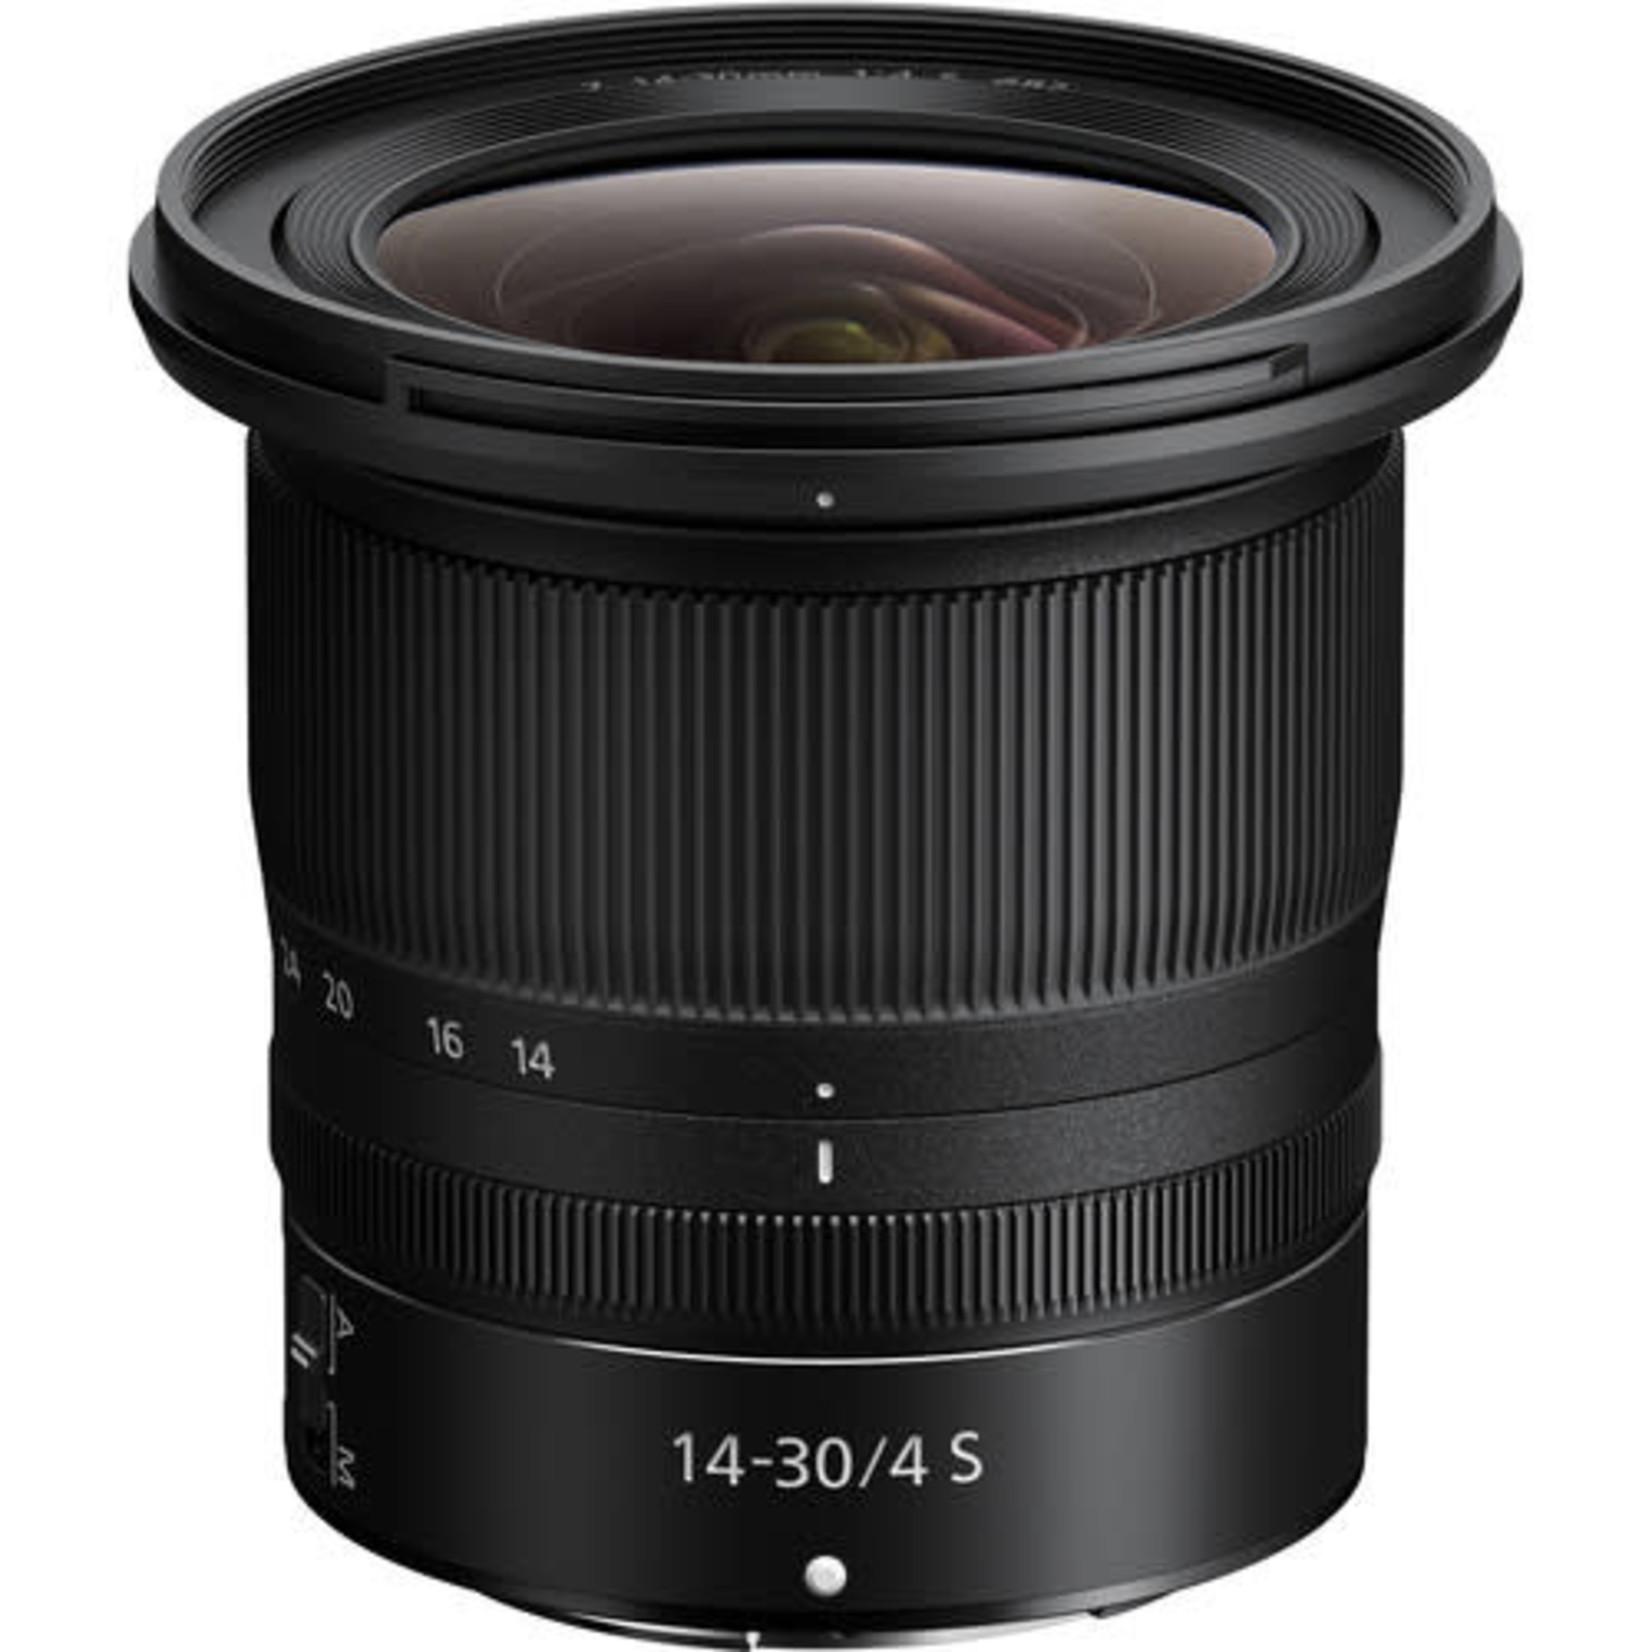 Nikon Nikon NIKKOR Z 14-30mm f/4 S Lens